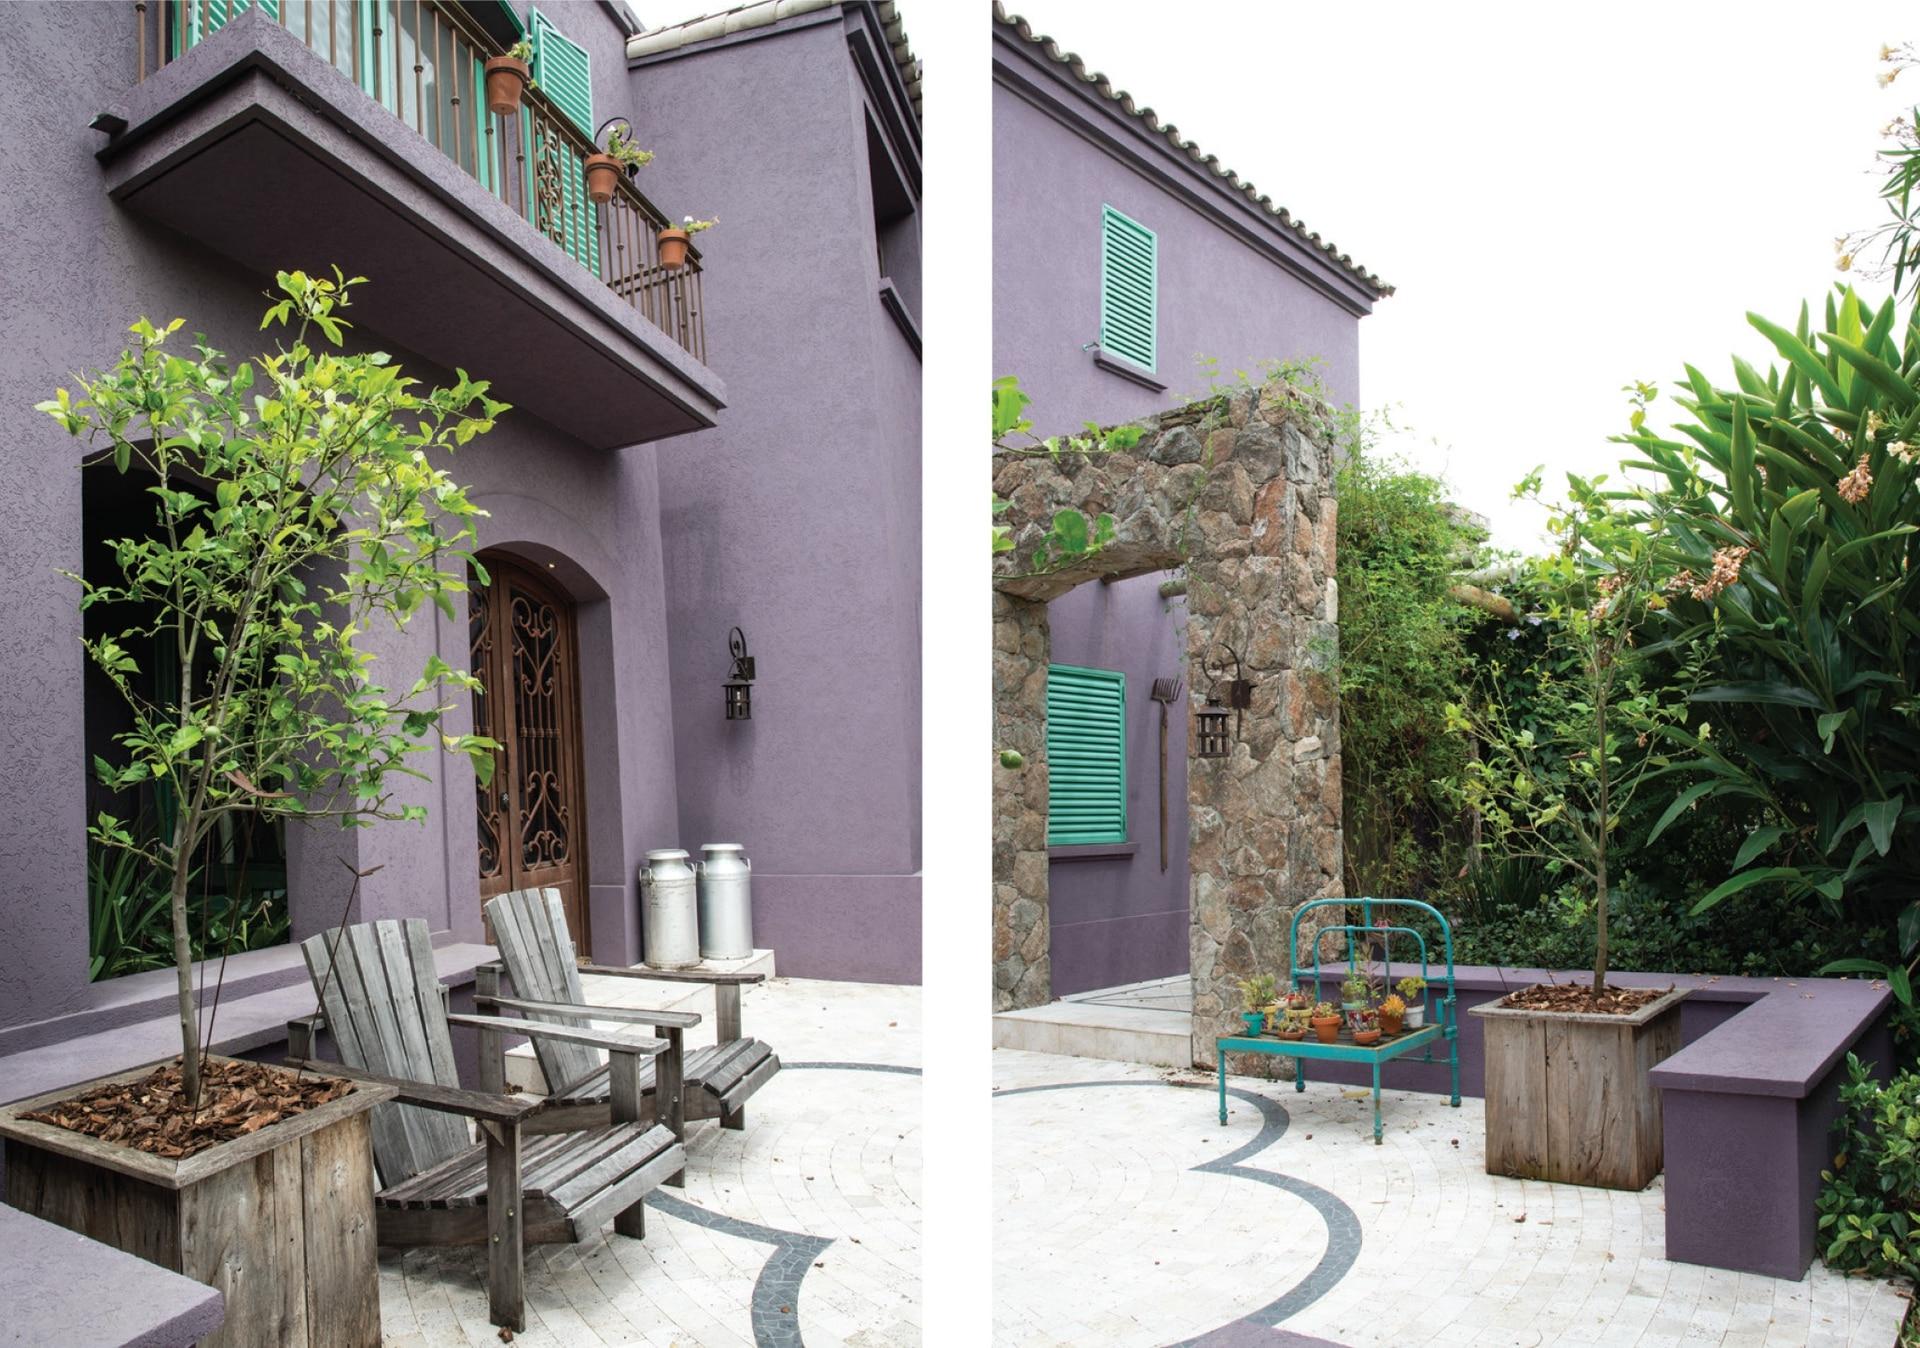 En una decisión audaz, el color lavanda de la fachada evoca los notos naturales de la Provenza.